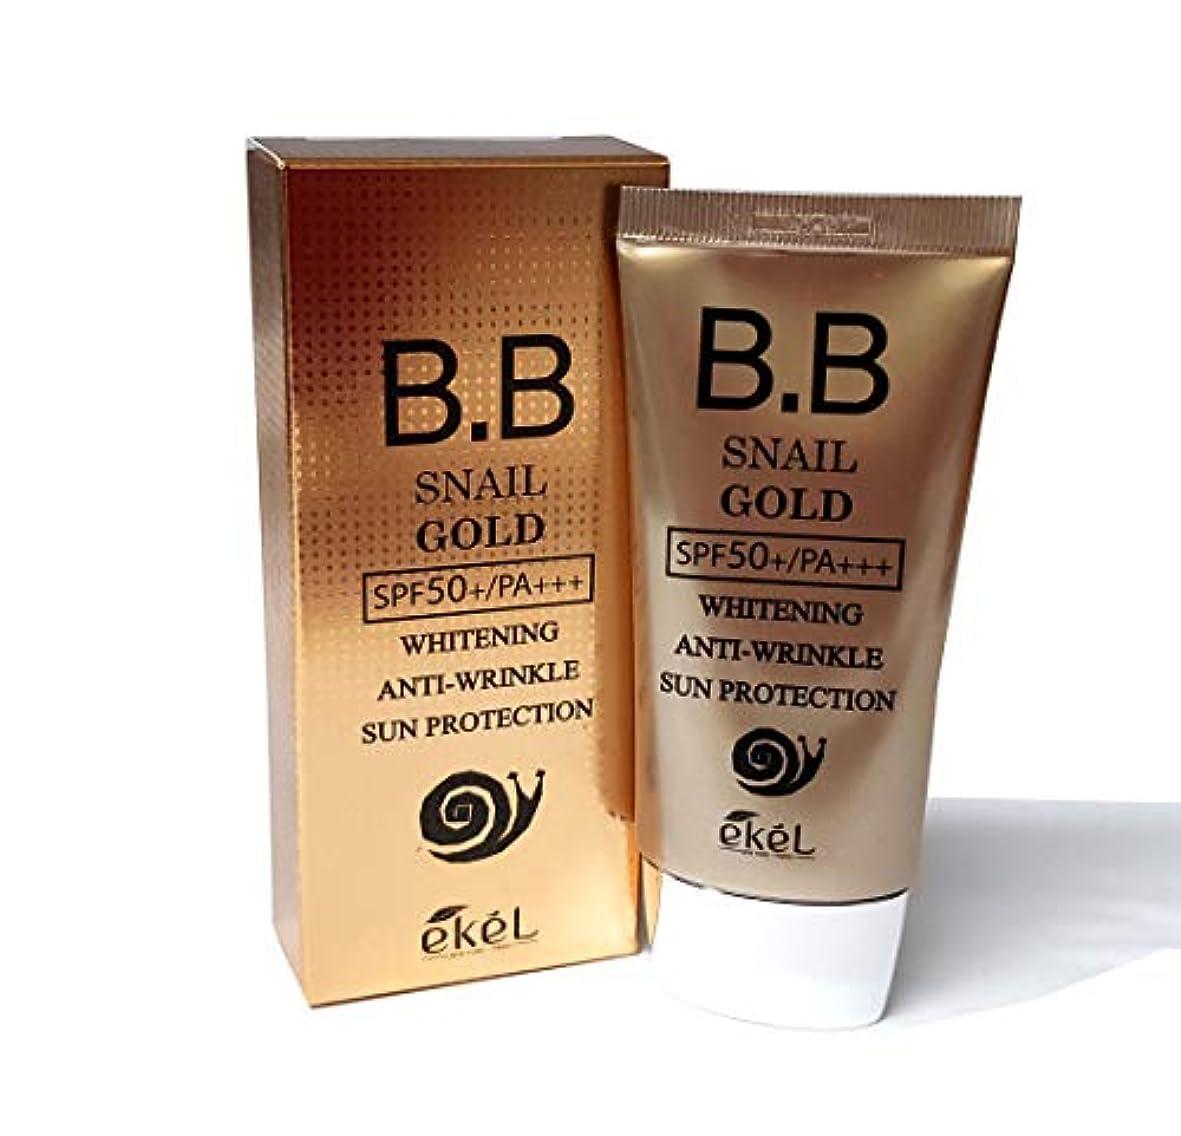 インフラランタン突き刺す[Ekel] カタツムリゴールドBB 50ml SPF50 + PA +++ / Snail Gold BB 50ml SPF50+PA+++ /ホワイトニング、UVカット/Whitening,UV protection...